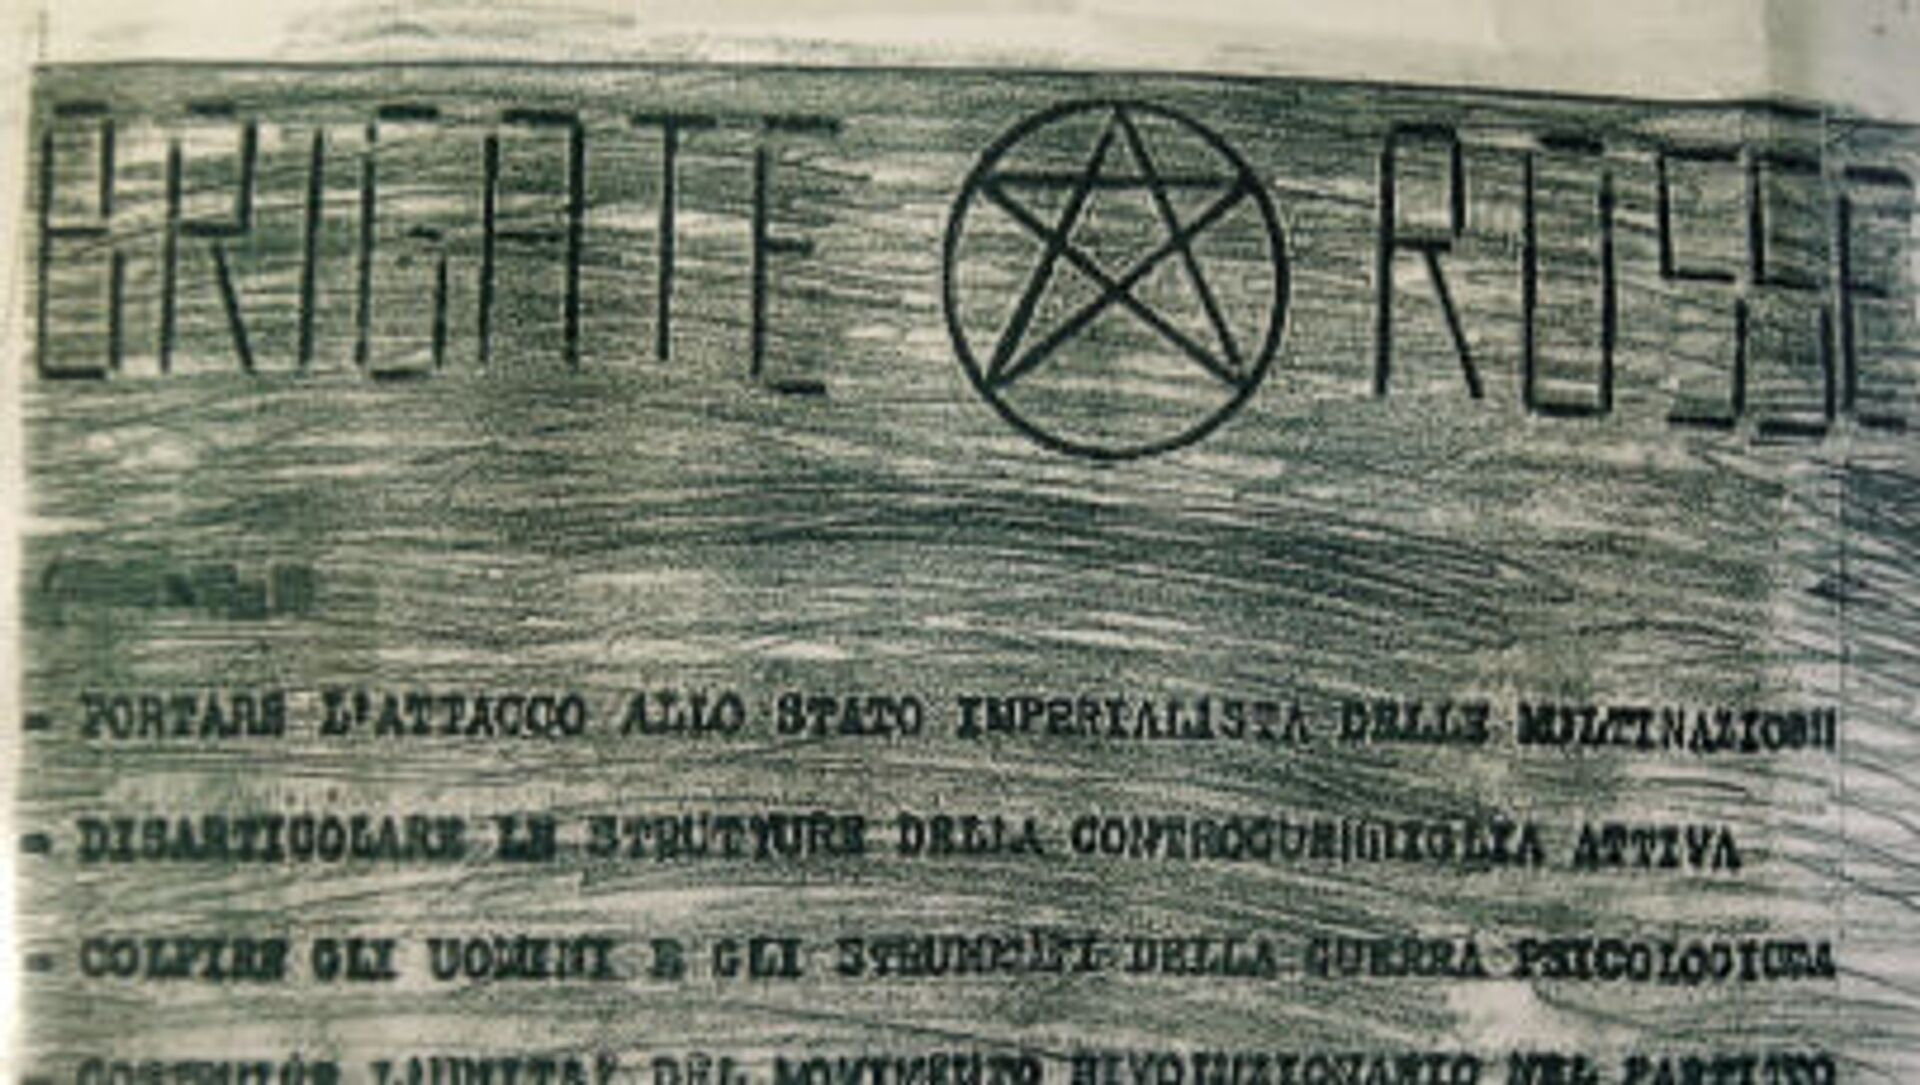 Un manifestino di uno delle Brigate Rosse - Sputnik Italia, 1920, 30.04.2021